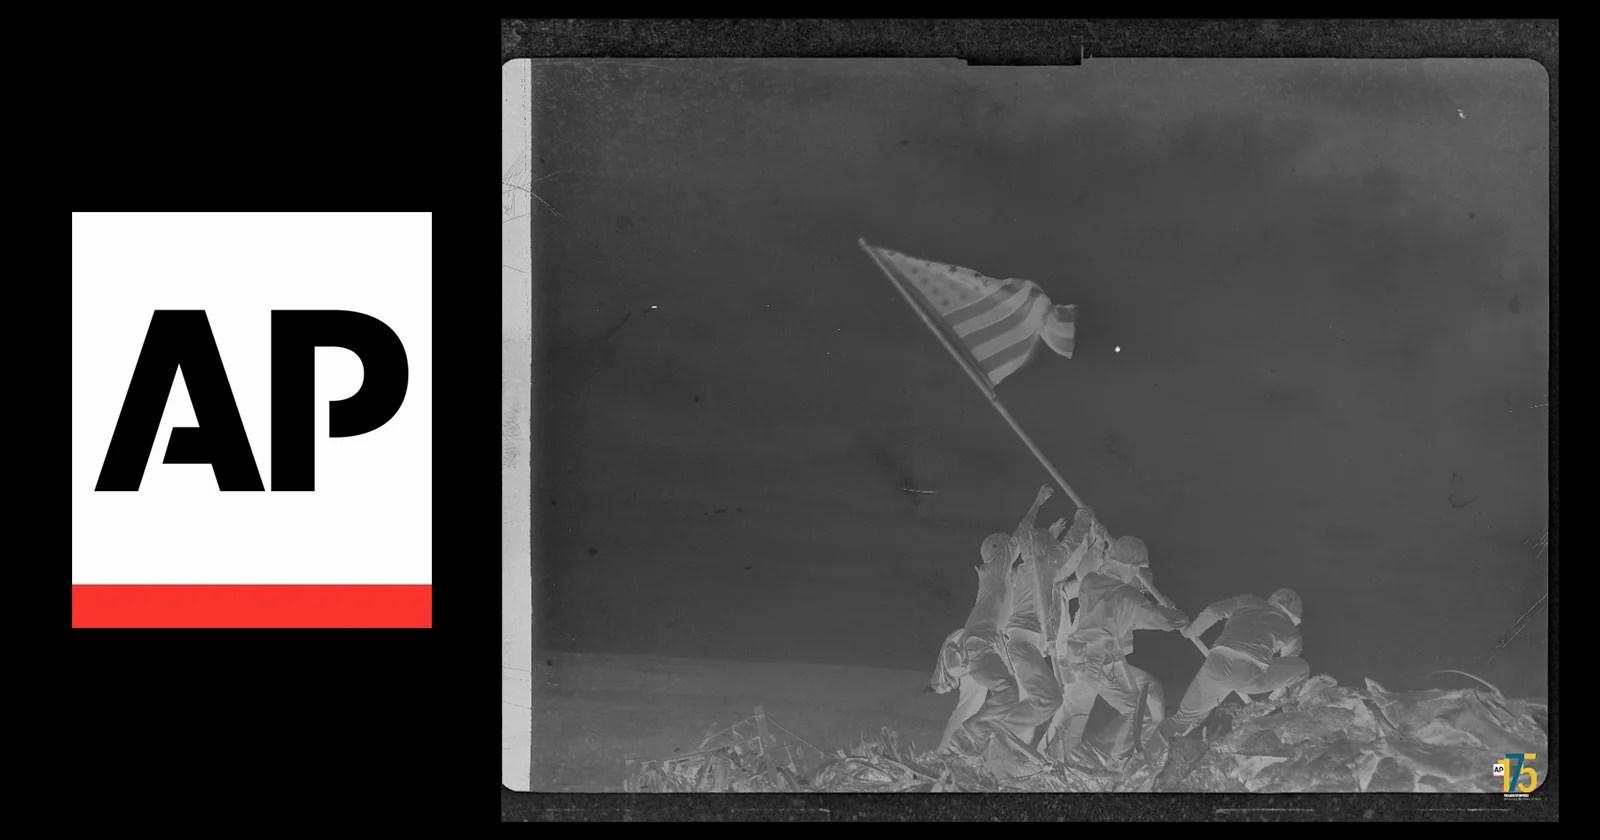 """AP sta mettendo all'asta 10 NFT di """"rappresentazioni artistiche"""" di foto iconiche"""